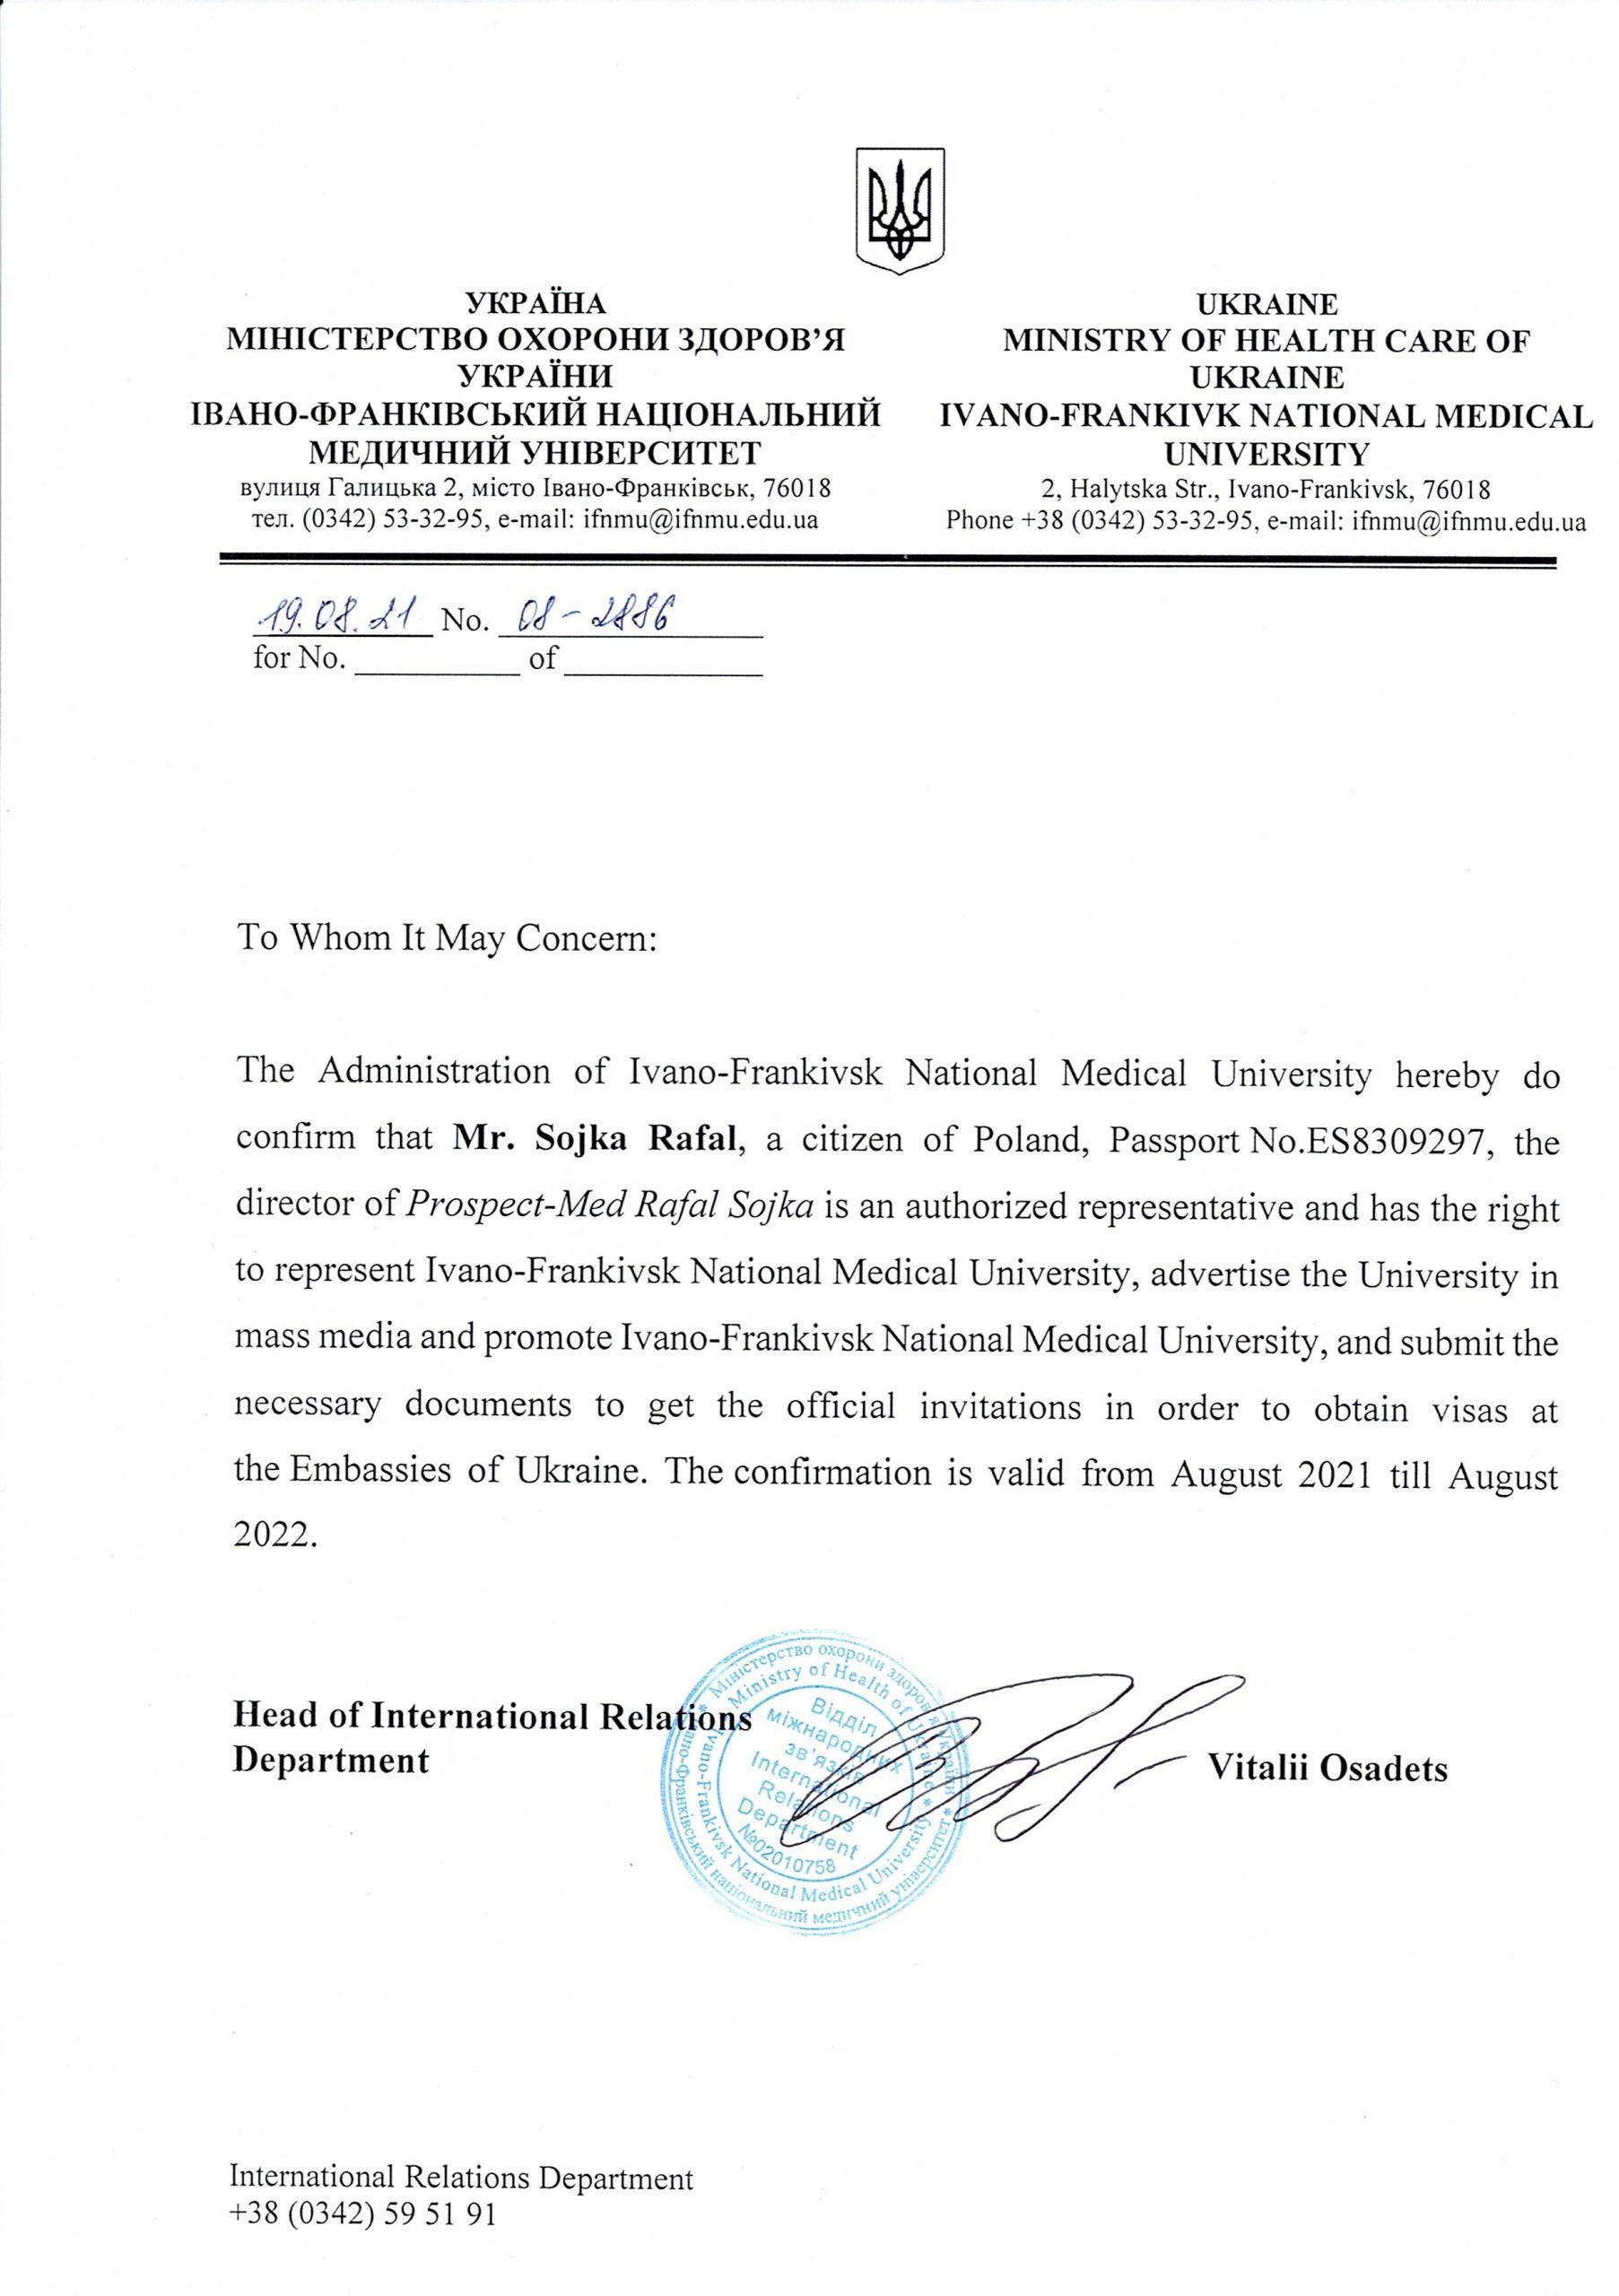 Prospect-Med - Studia medyczne na Ukrainie - Medycyna - Stomatologia - Farmacja - Weterynaria